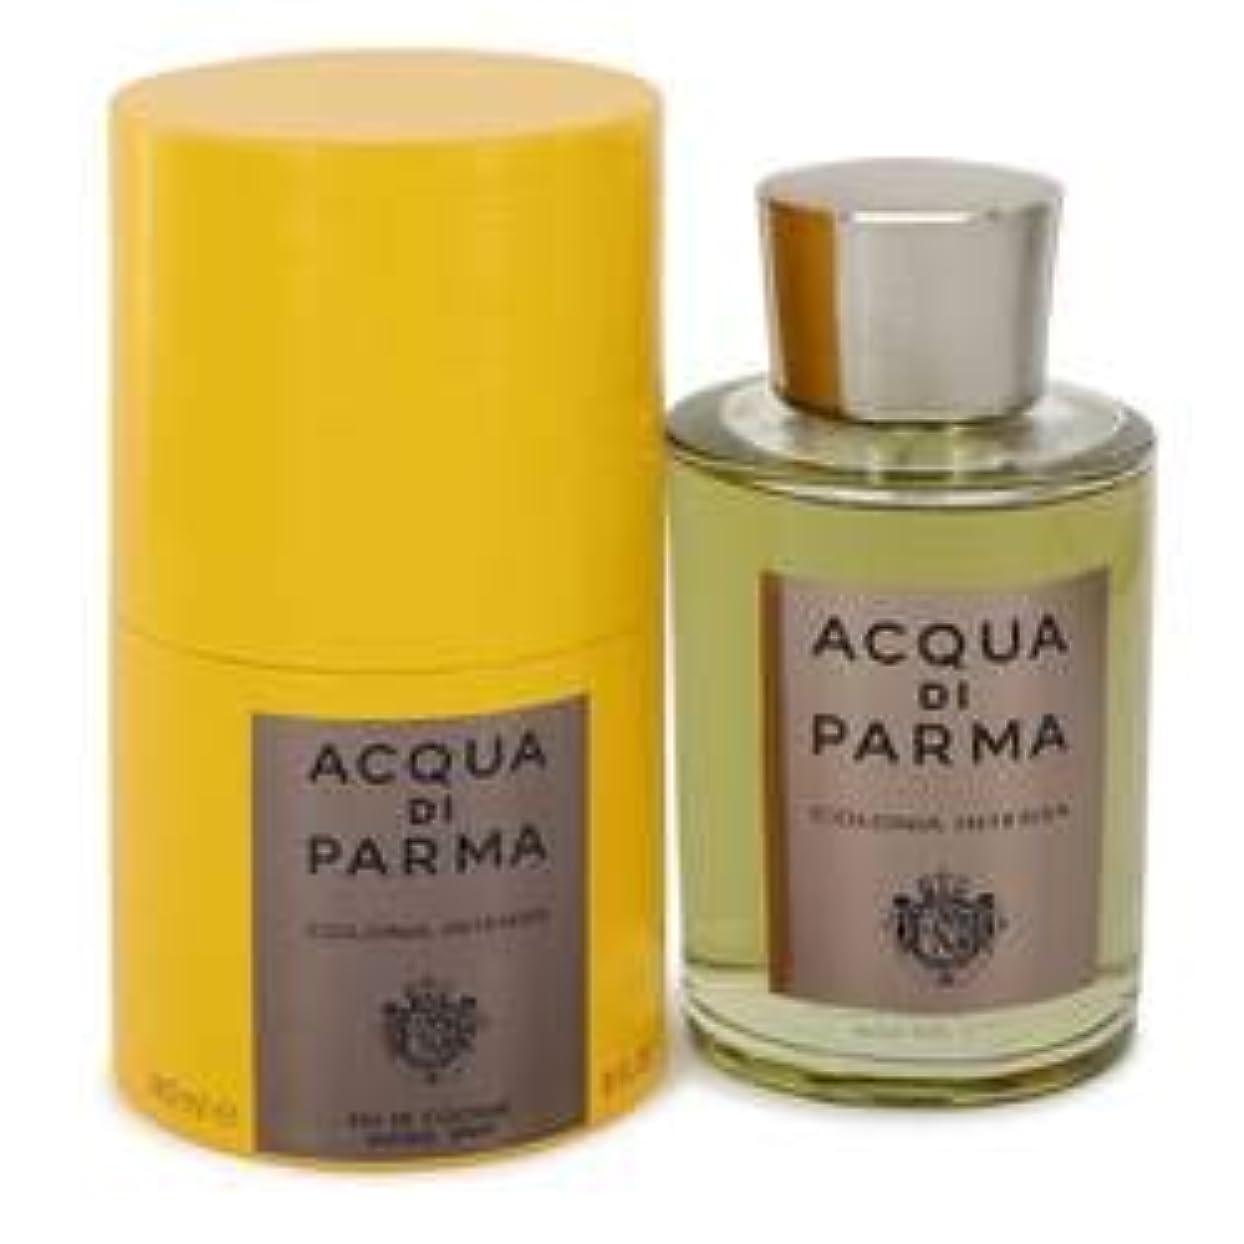 スプレー腐食するゲージAcqua Di Parma Colonia Intensa Eau De Cologne Spray By Acqua Di Parma